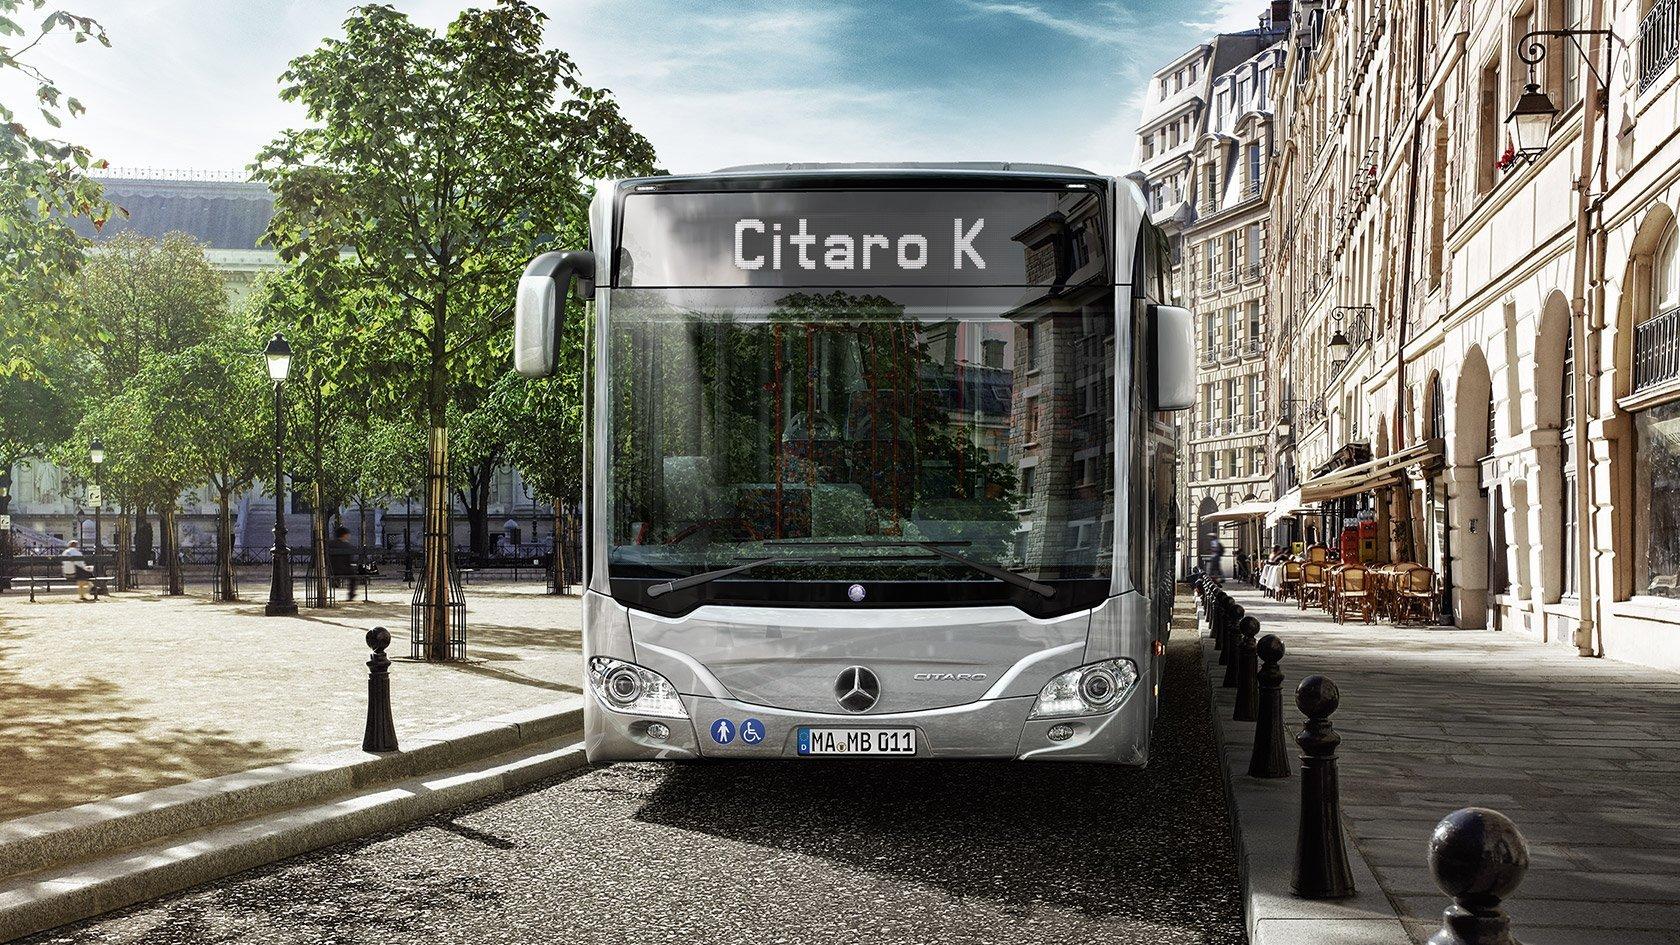 strategia digitale nei trasporti